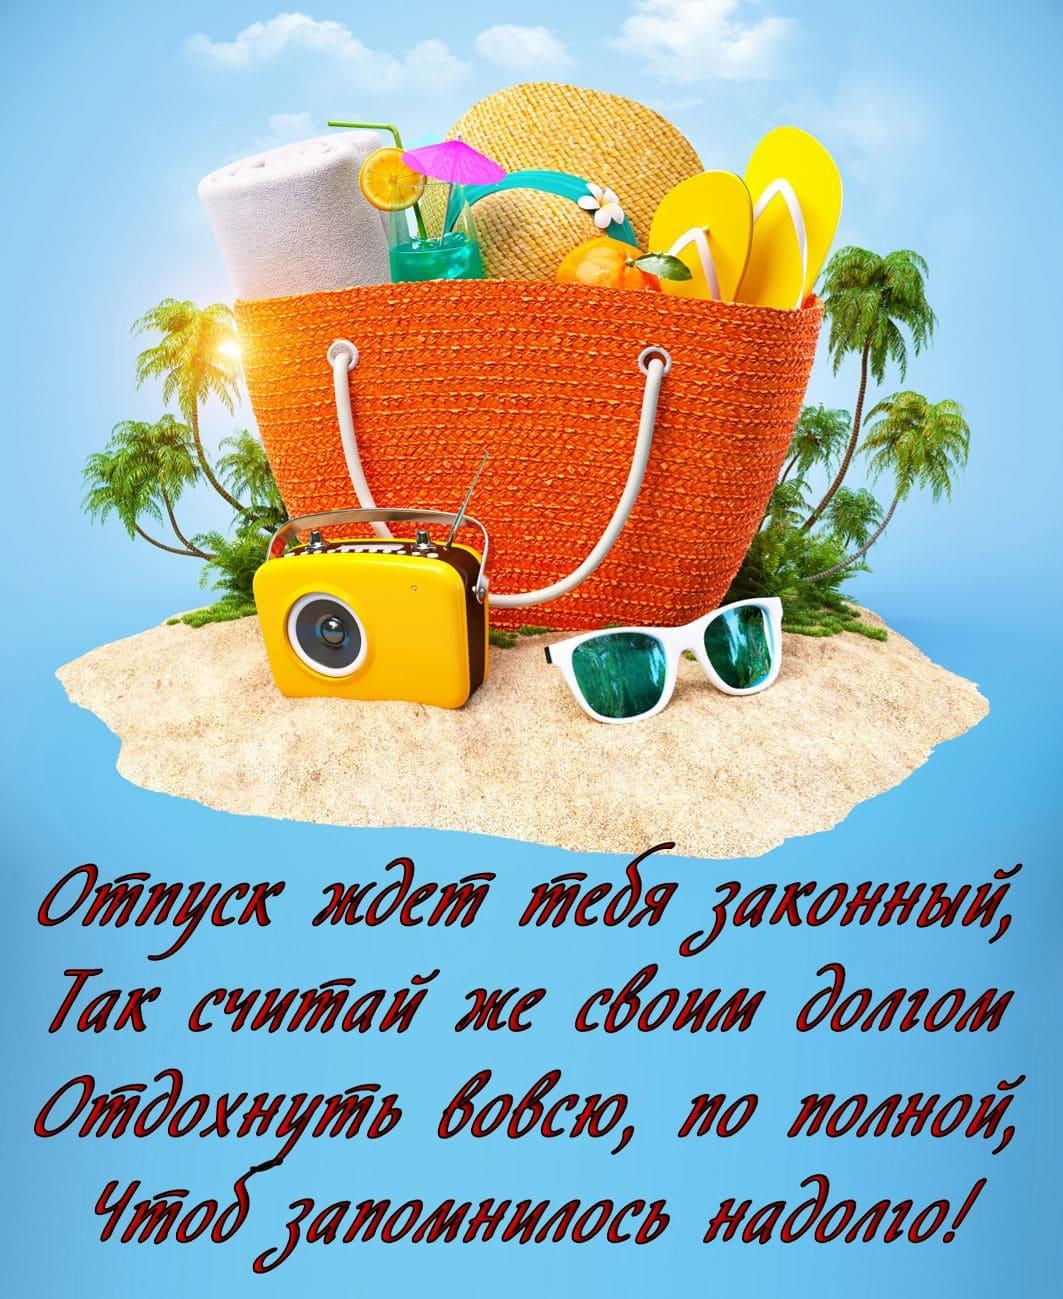 Прикольная открытка с пожеланиями хорошего отпуска